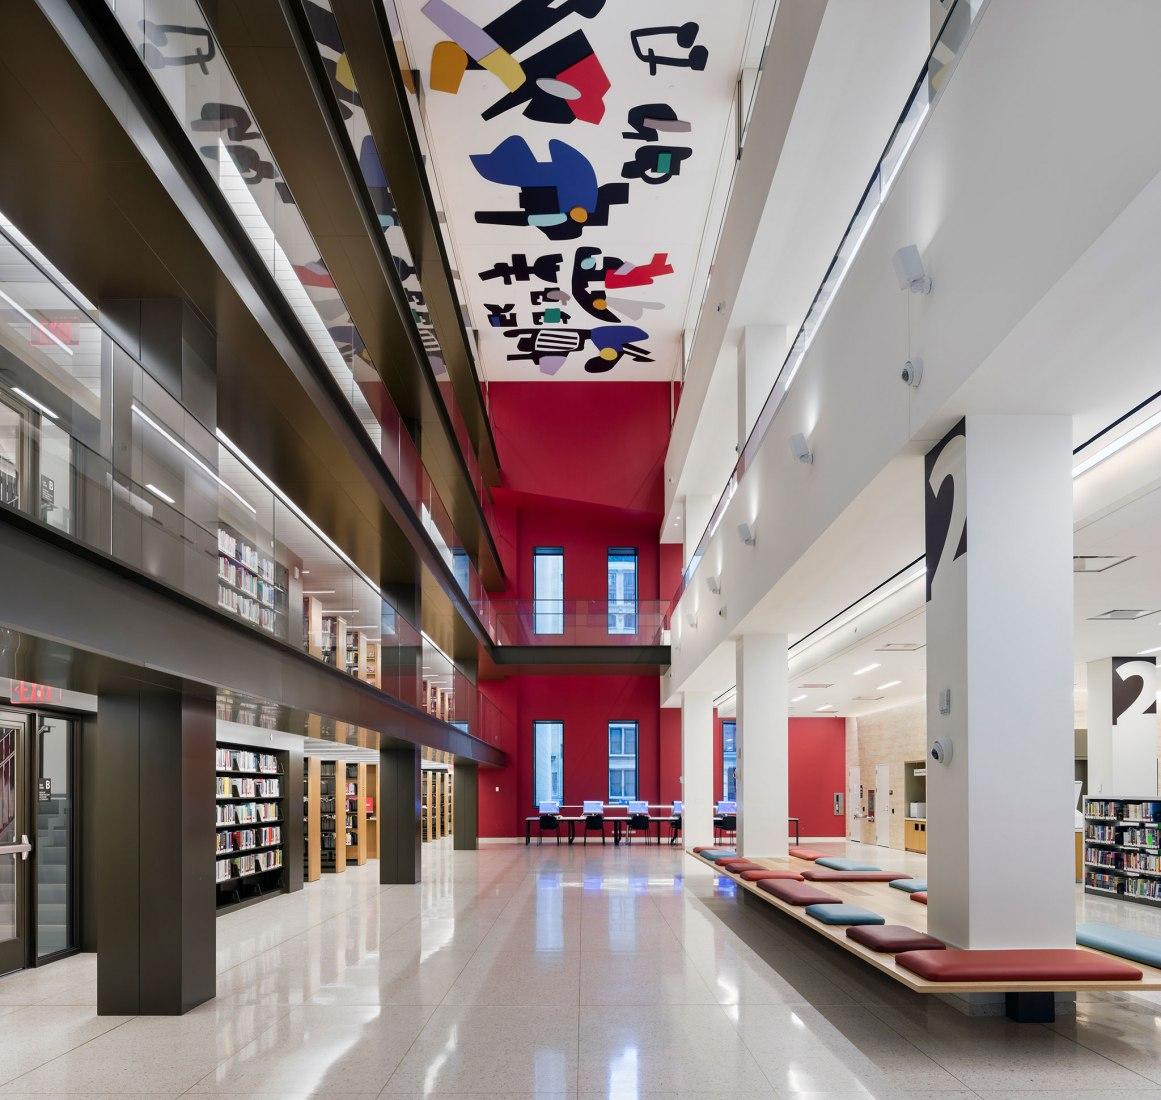 Biblioteca de la Fundación Stavros Niarchos por Mecanoo y Beyer Blinder Belle. Fotografía por John Bartelstone.